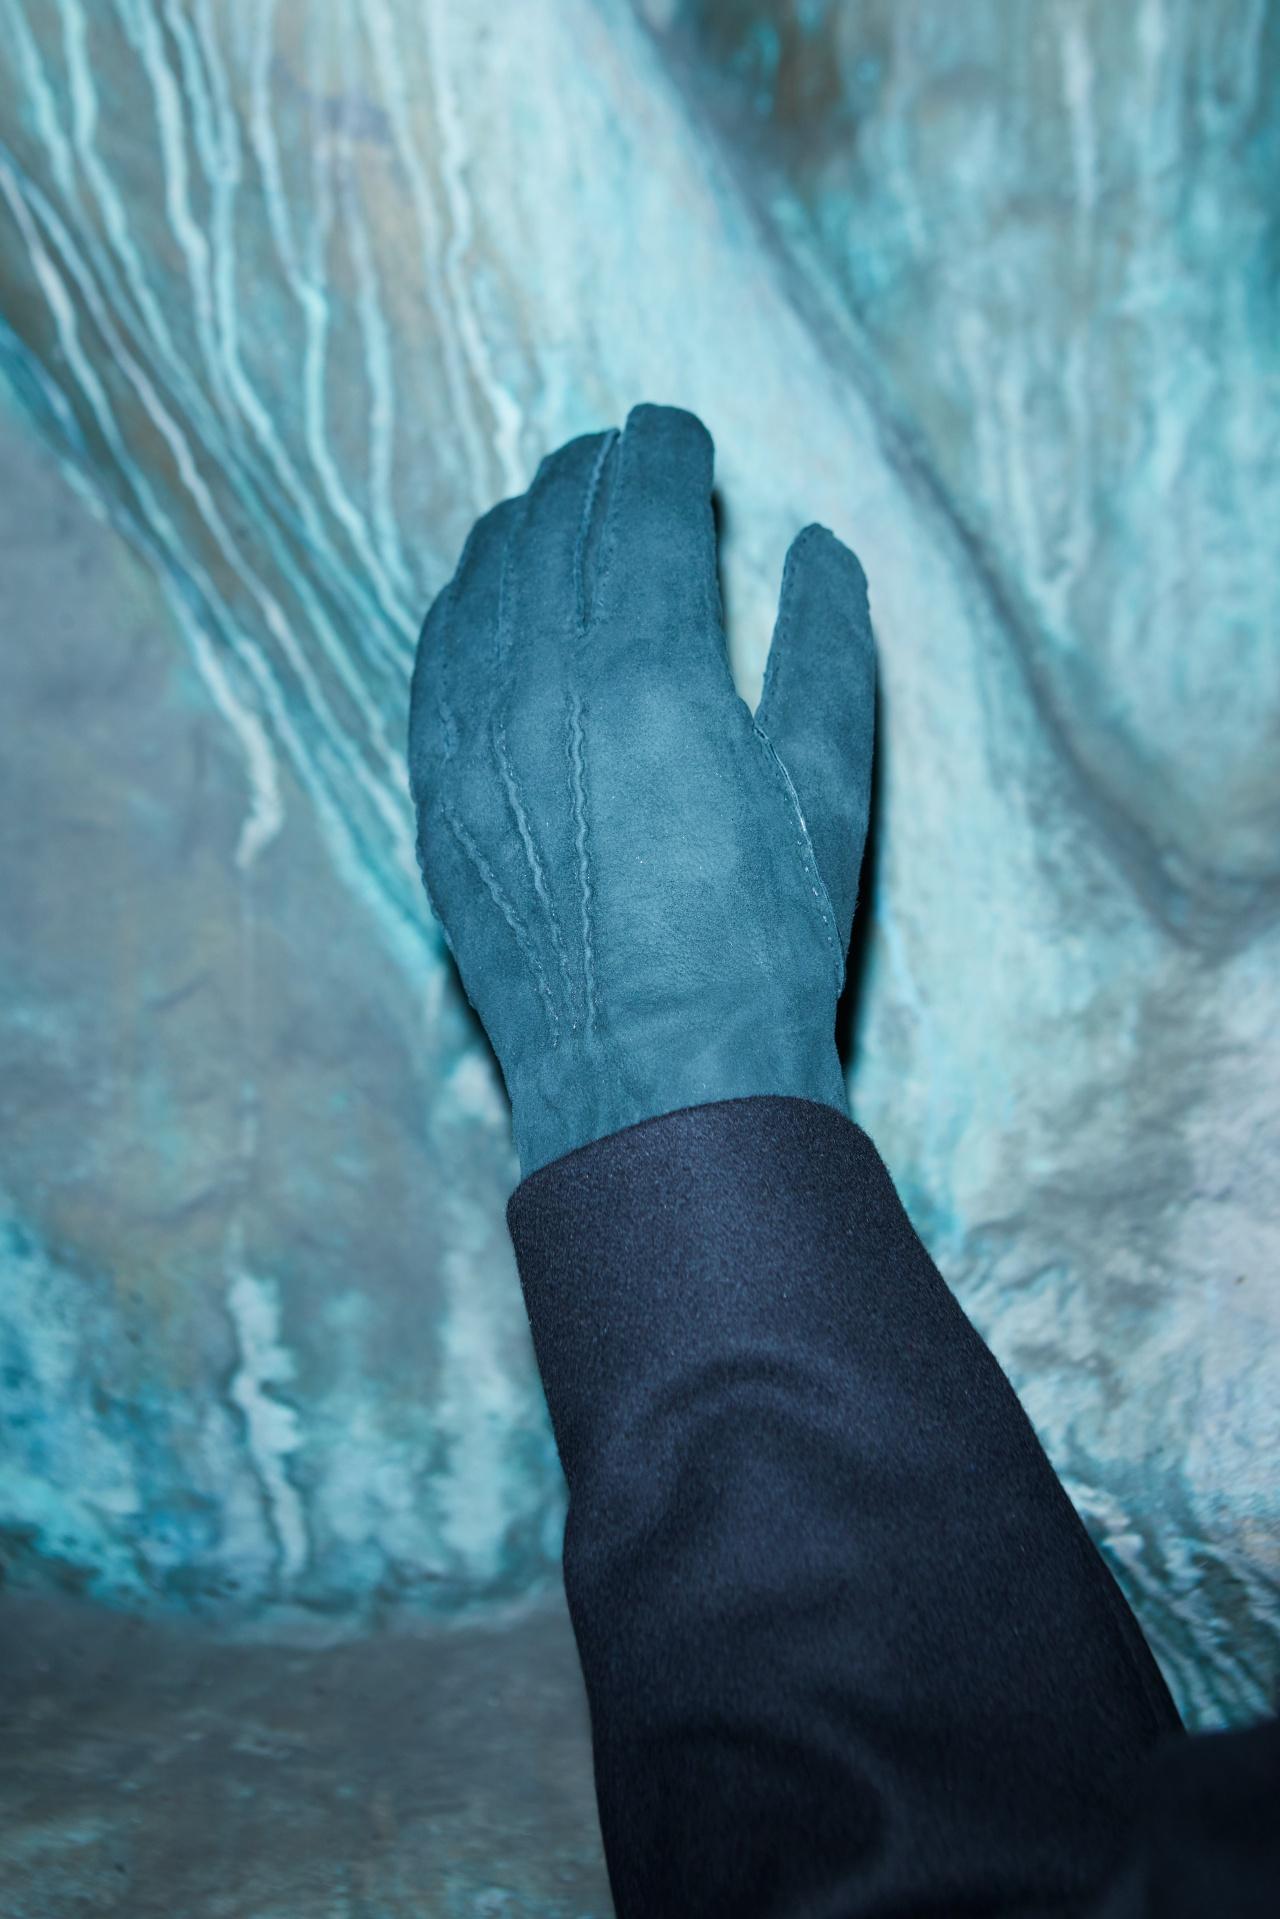 이끼처럼 짙은 청록색 스웨이드 장갑 17만8000원 헤스트라. 검은색 코트 가격 미정 코스.